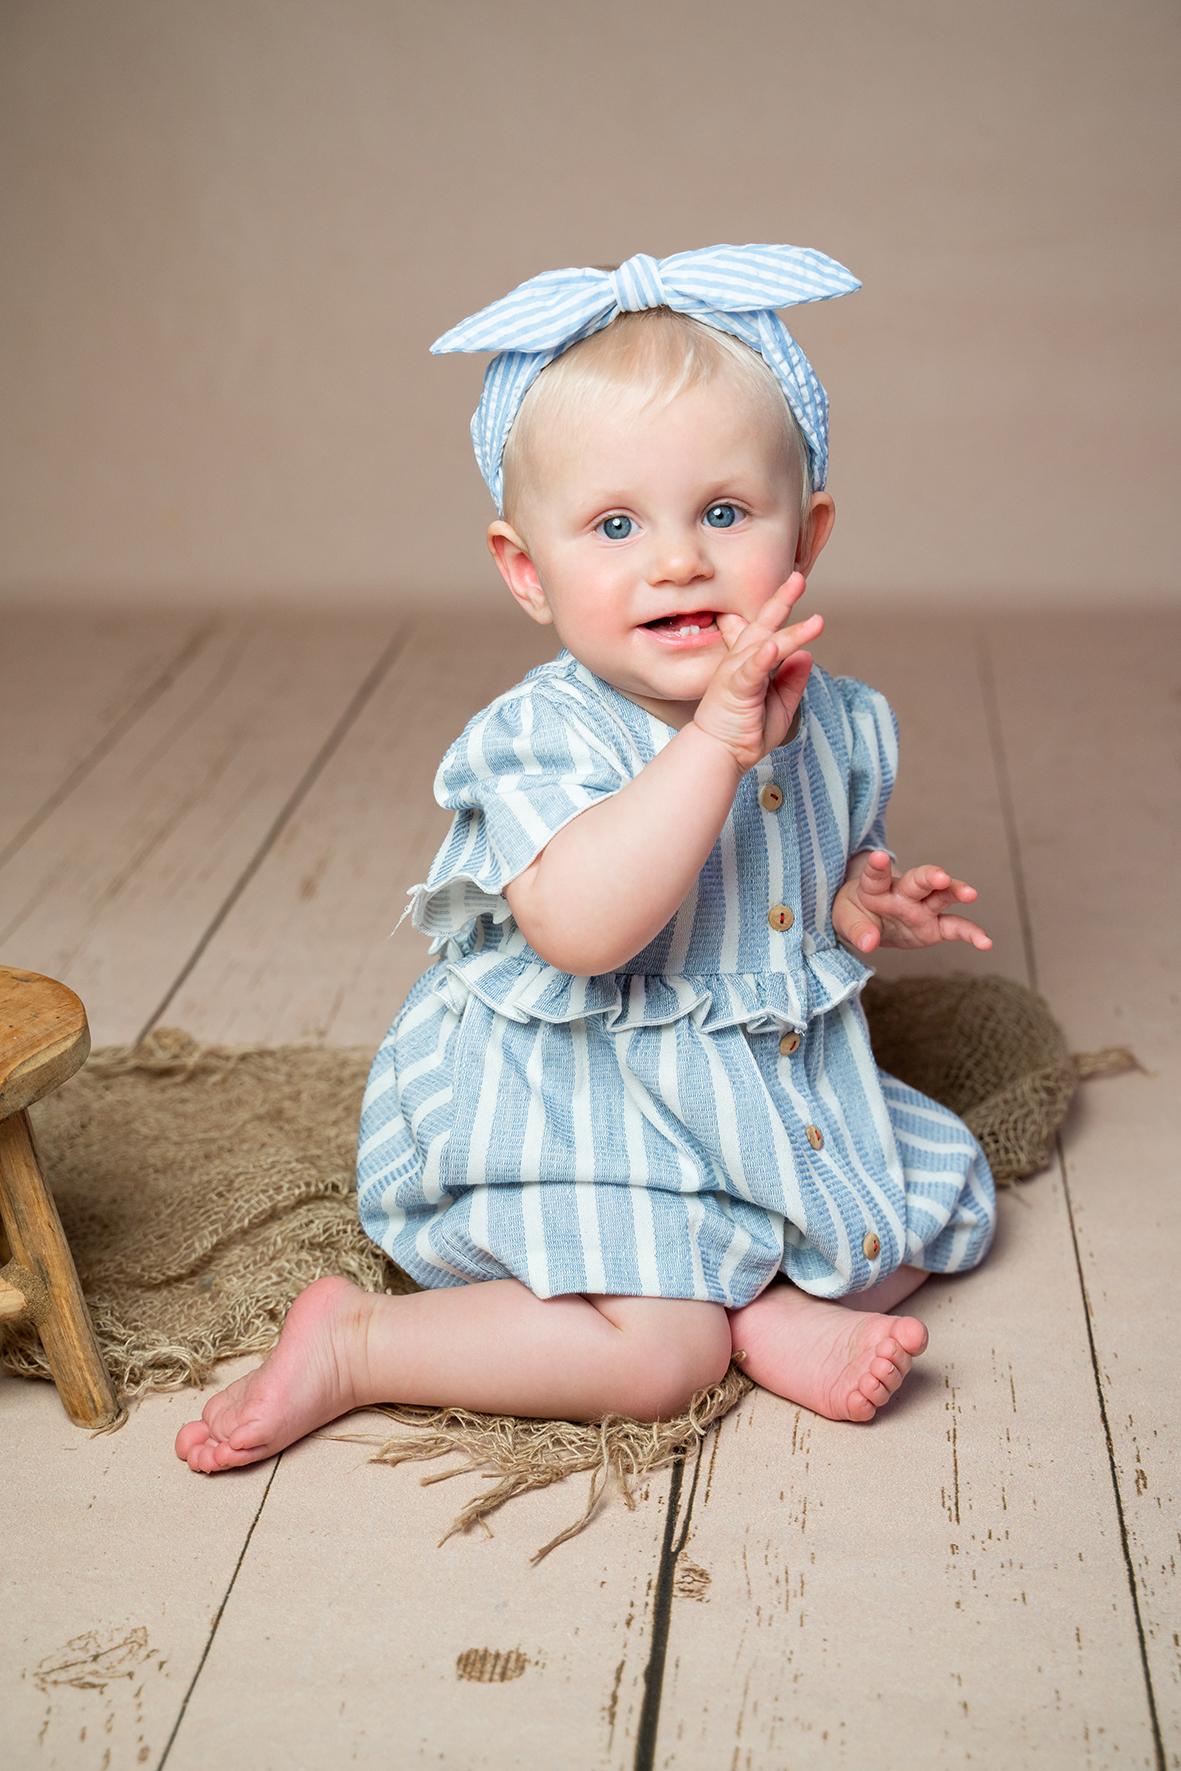 Fotograf Weyhe Fotostudio Bremen für Babyfotoshooting mit maritimem Flair